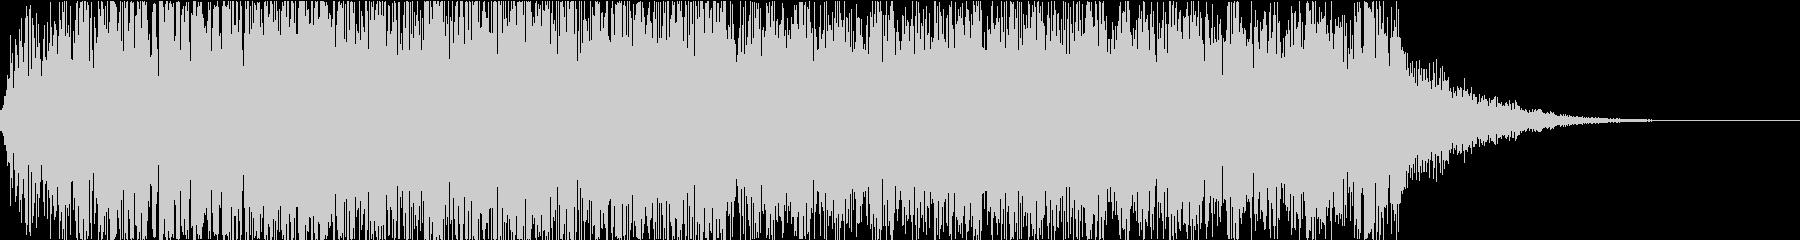 怪物・モンスターの鳴き声・ゲーム・映画cの未再生の波形